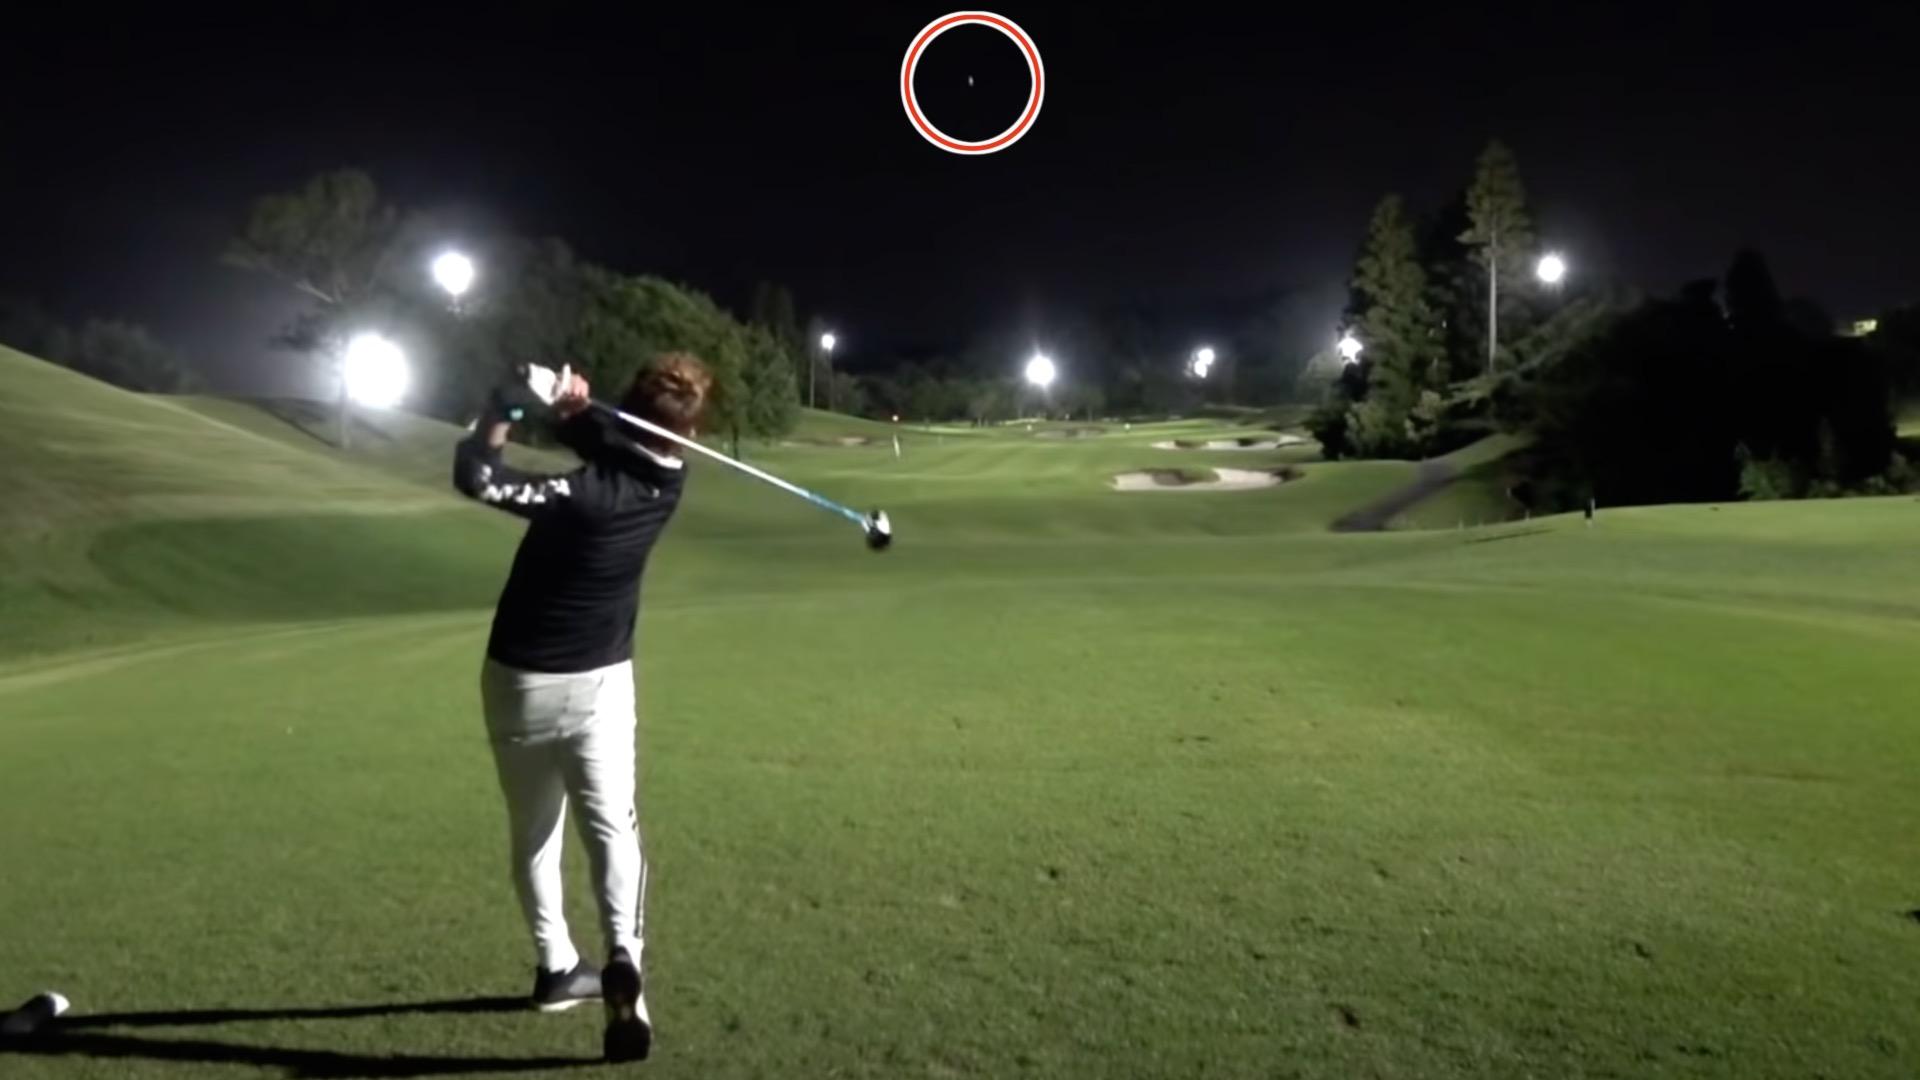 真夏でも涼しいナイターゴルフ。弾道もはっきり見える。